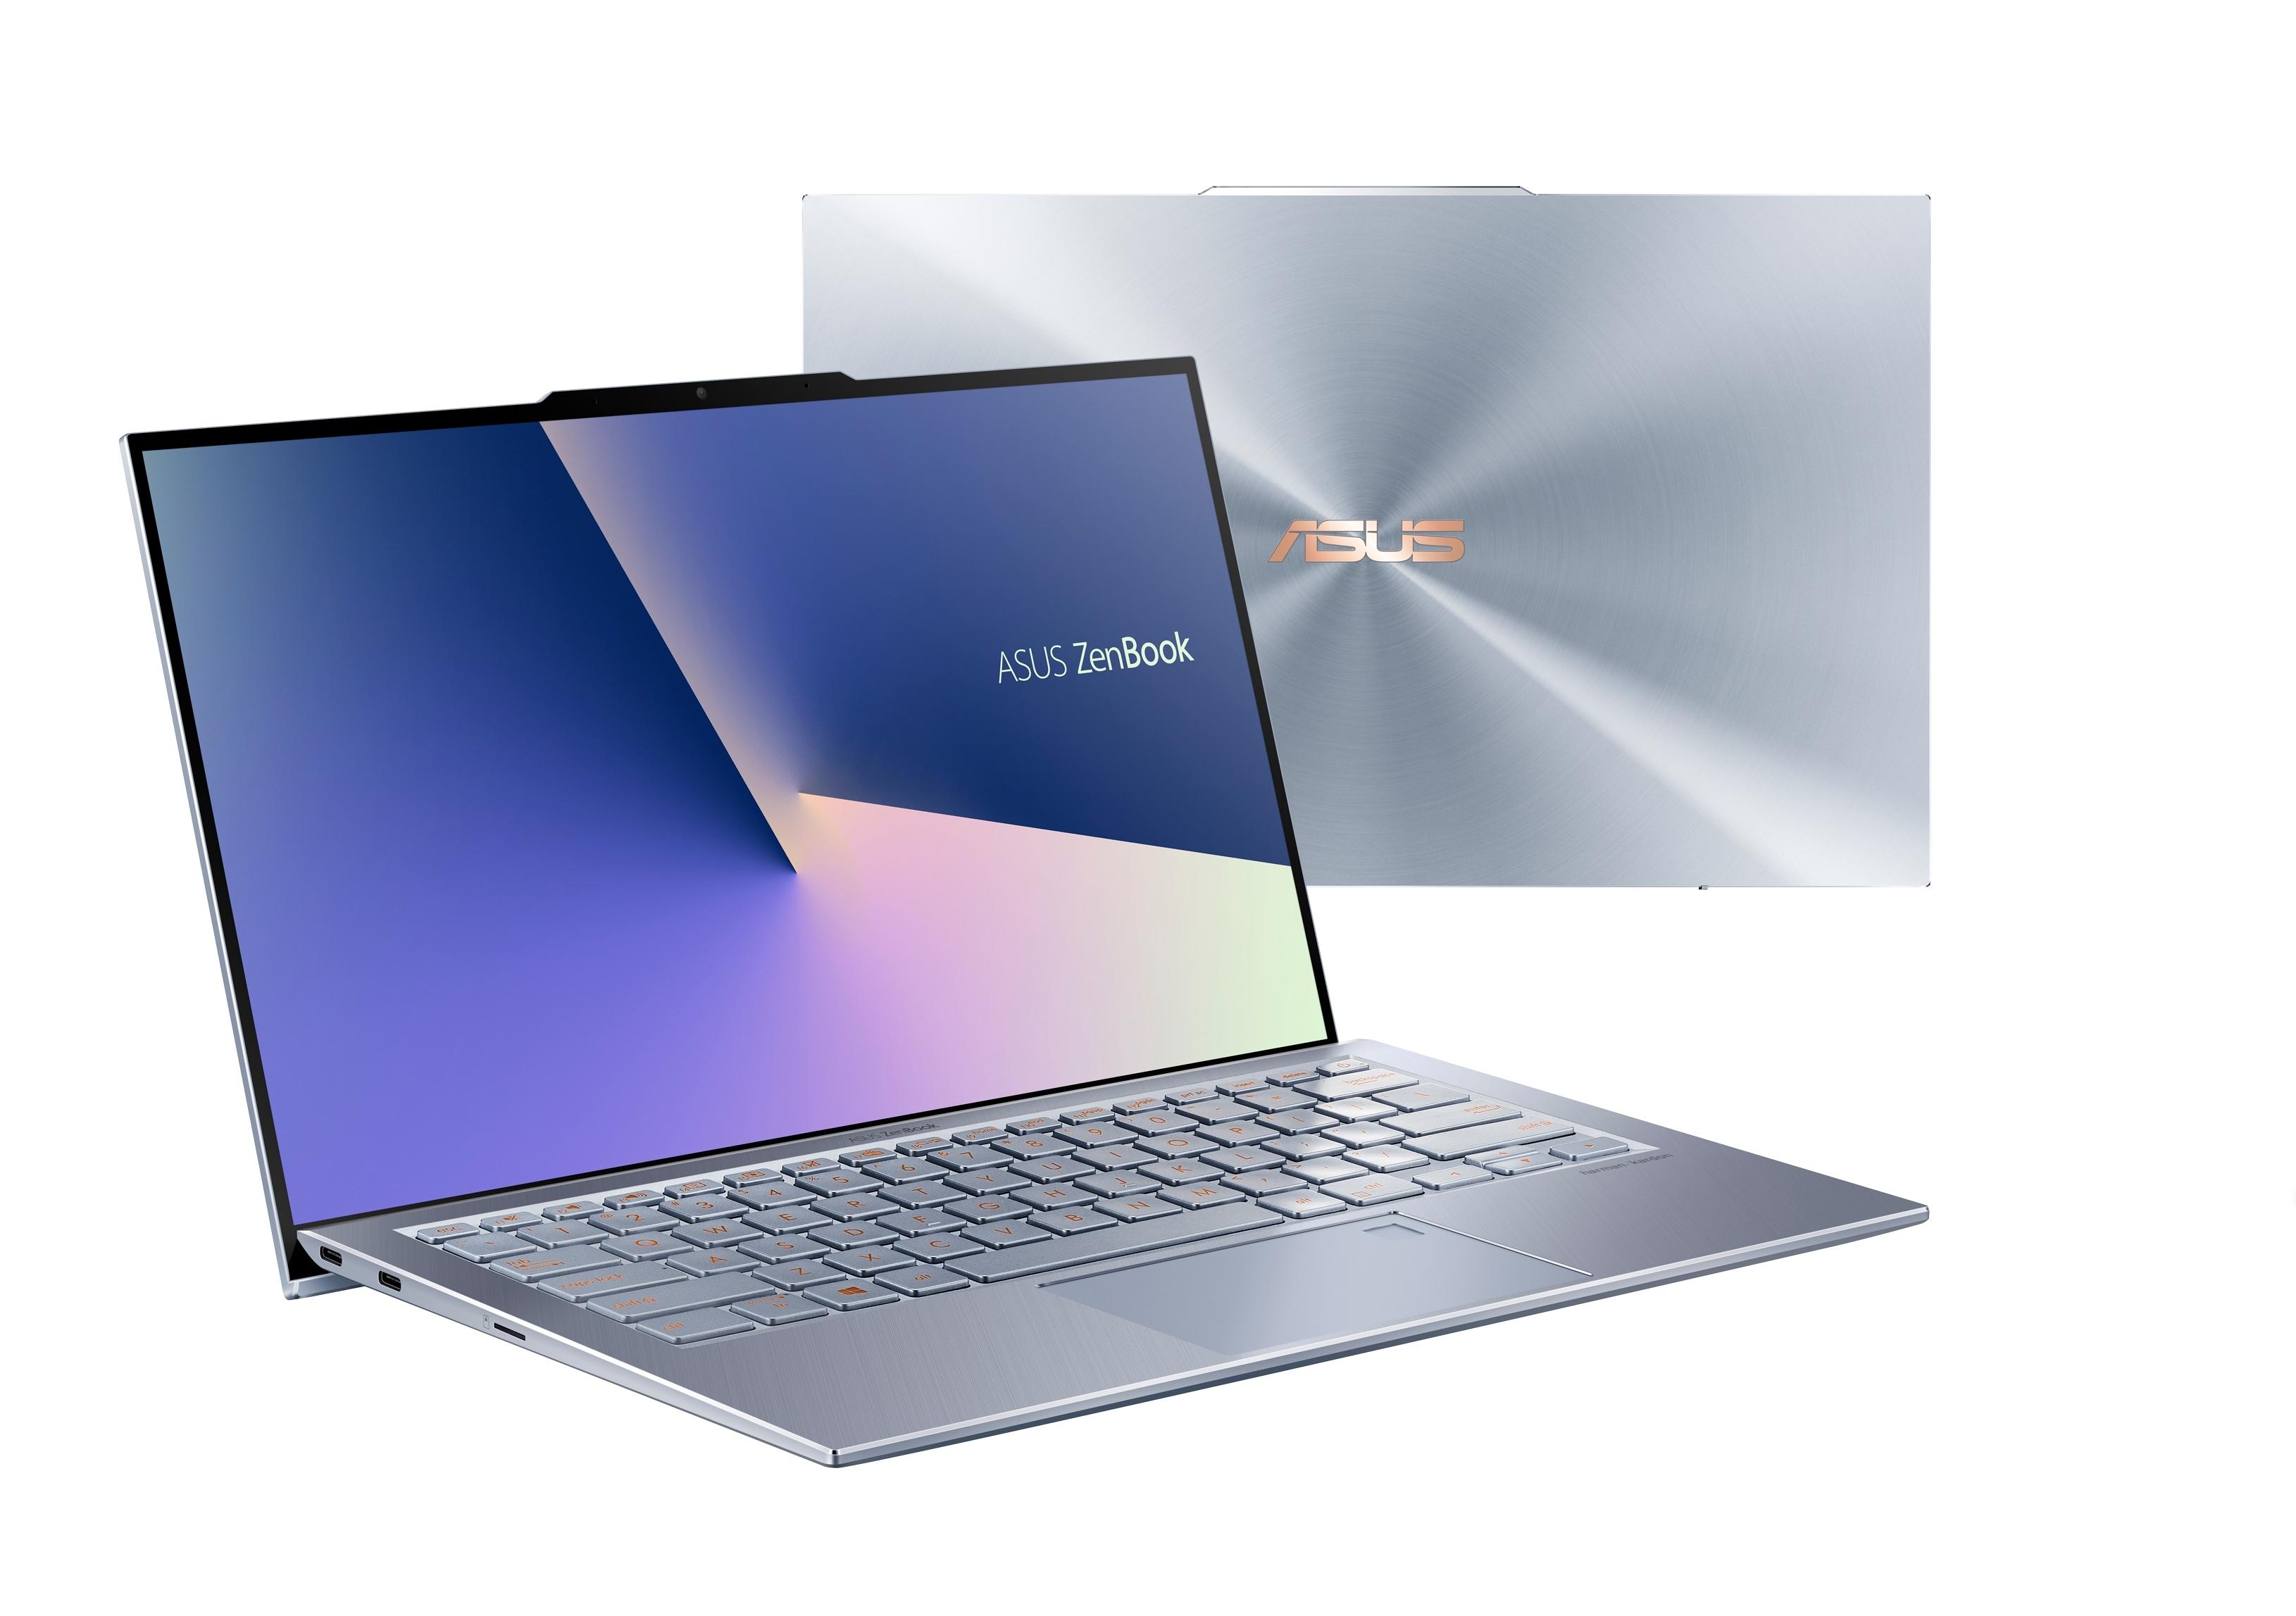 Новият ASUS ZenBook S13 впечатлява с тънки рамки около дисплея